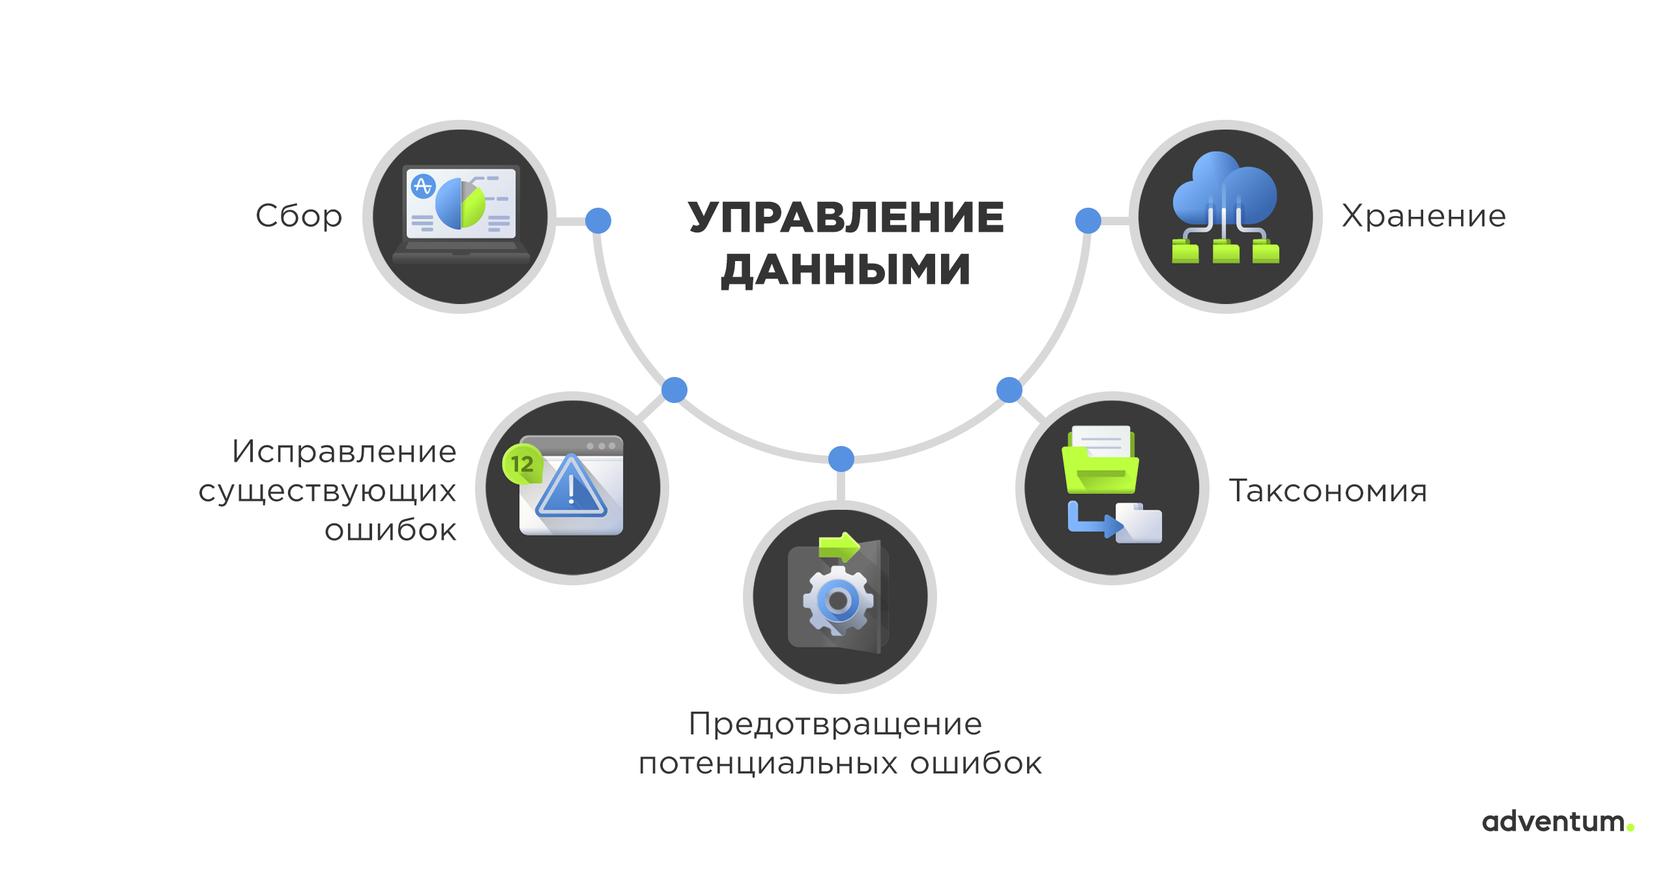 Что такое управление данными (data management) в продуктовой аналитике